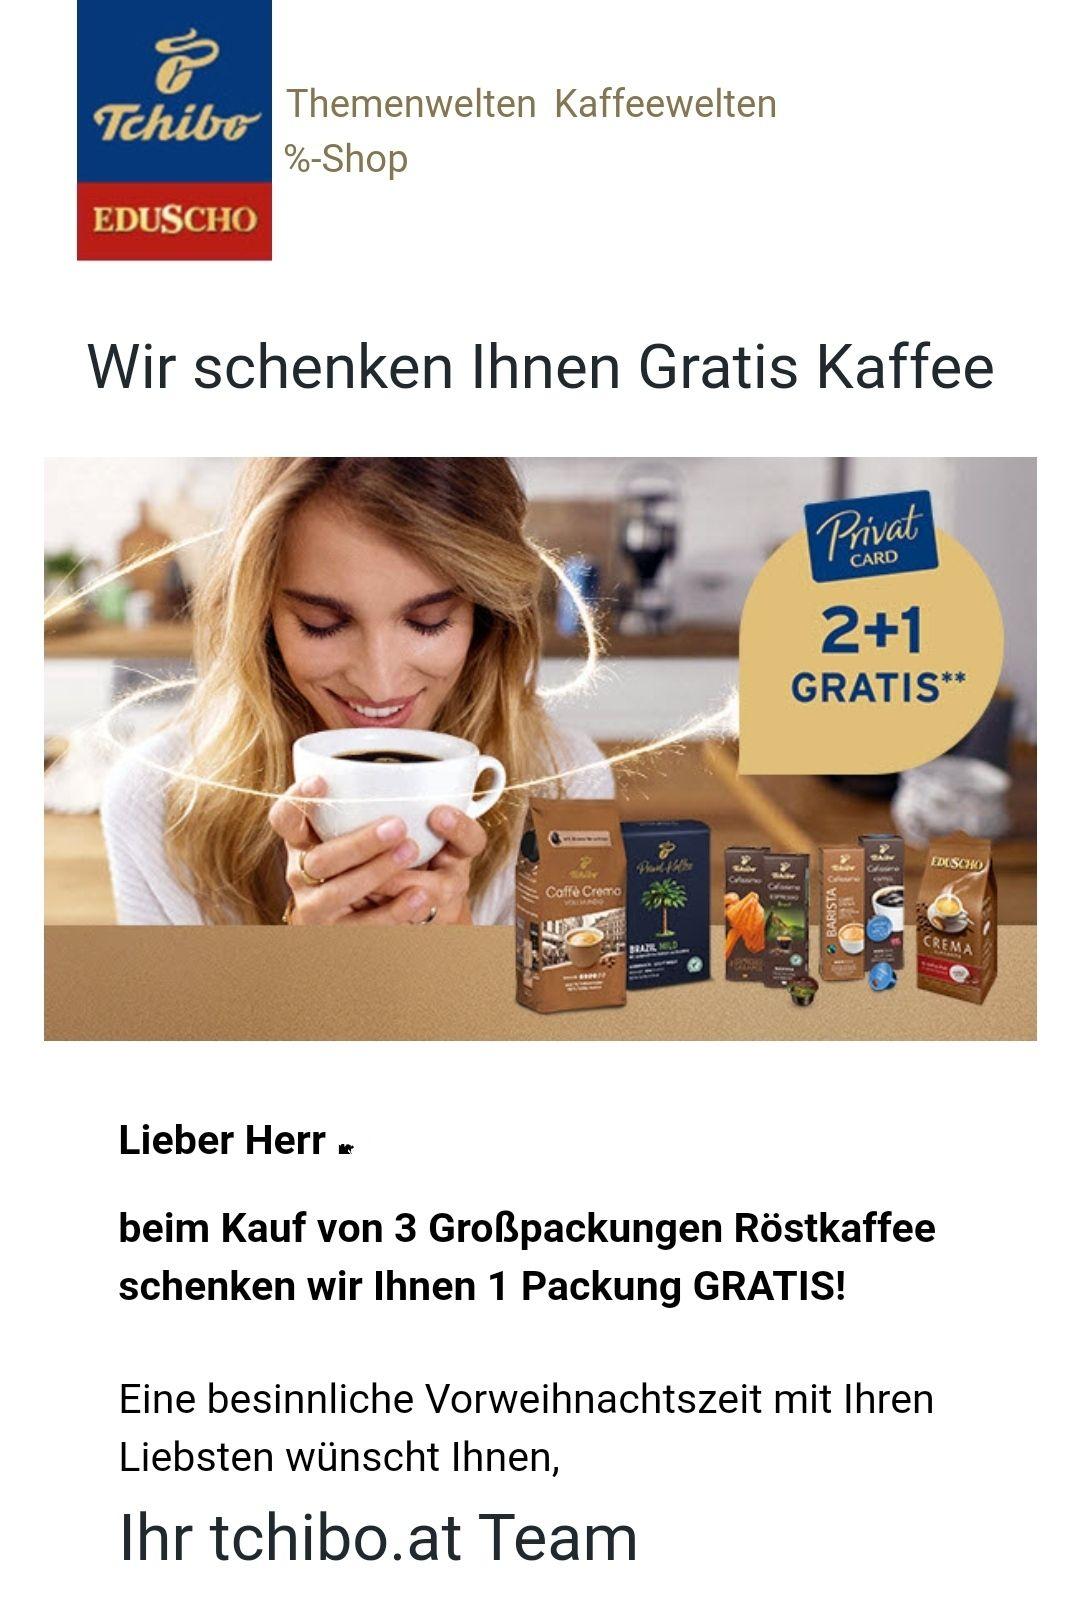 Tschibo/Eduscho Kaffee 2+1 gratis mit der Privatcard